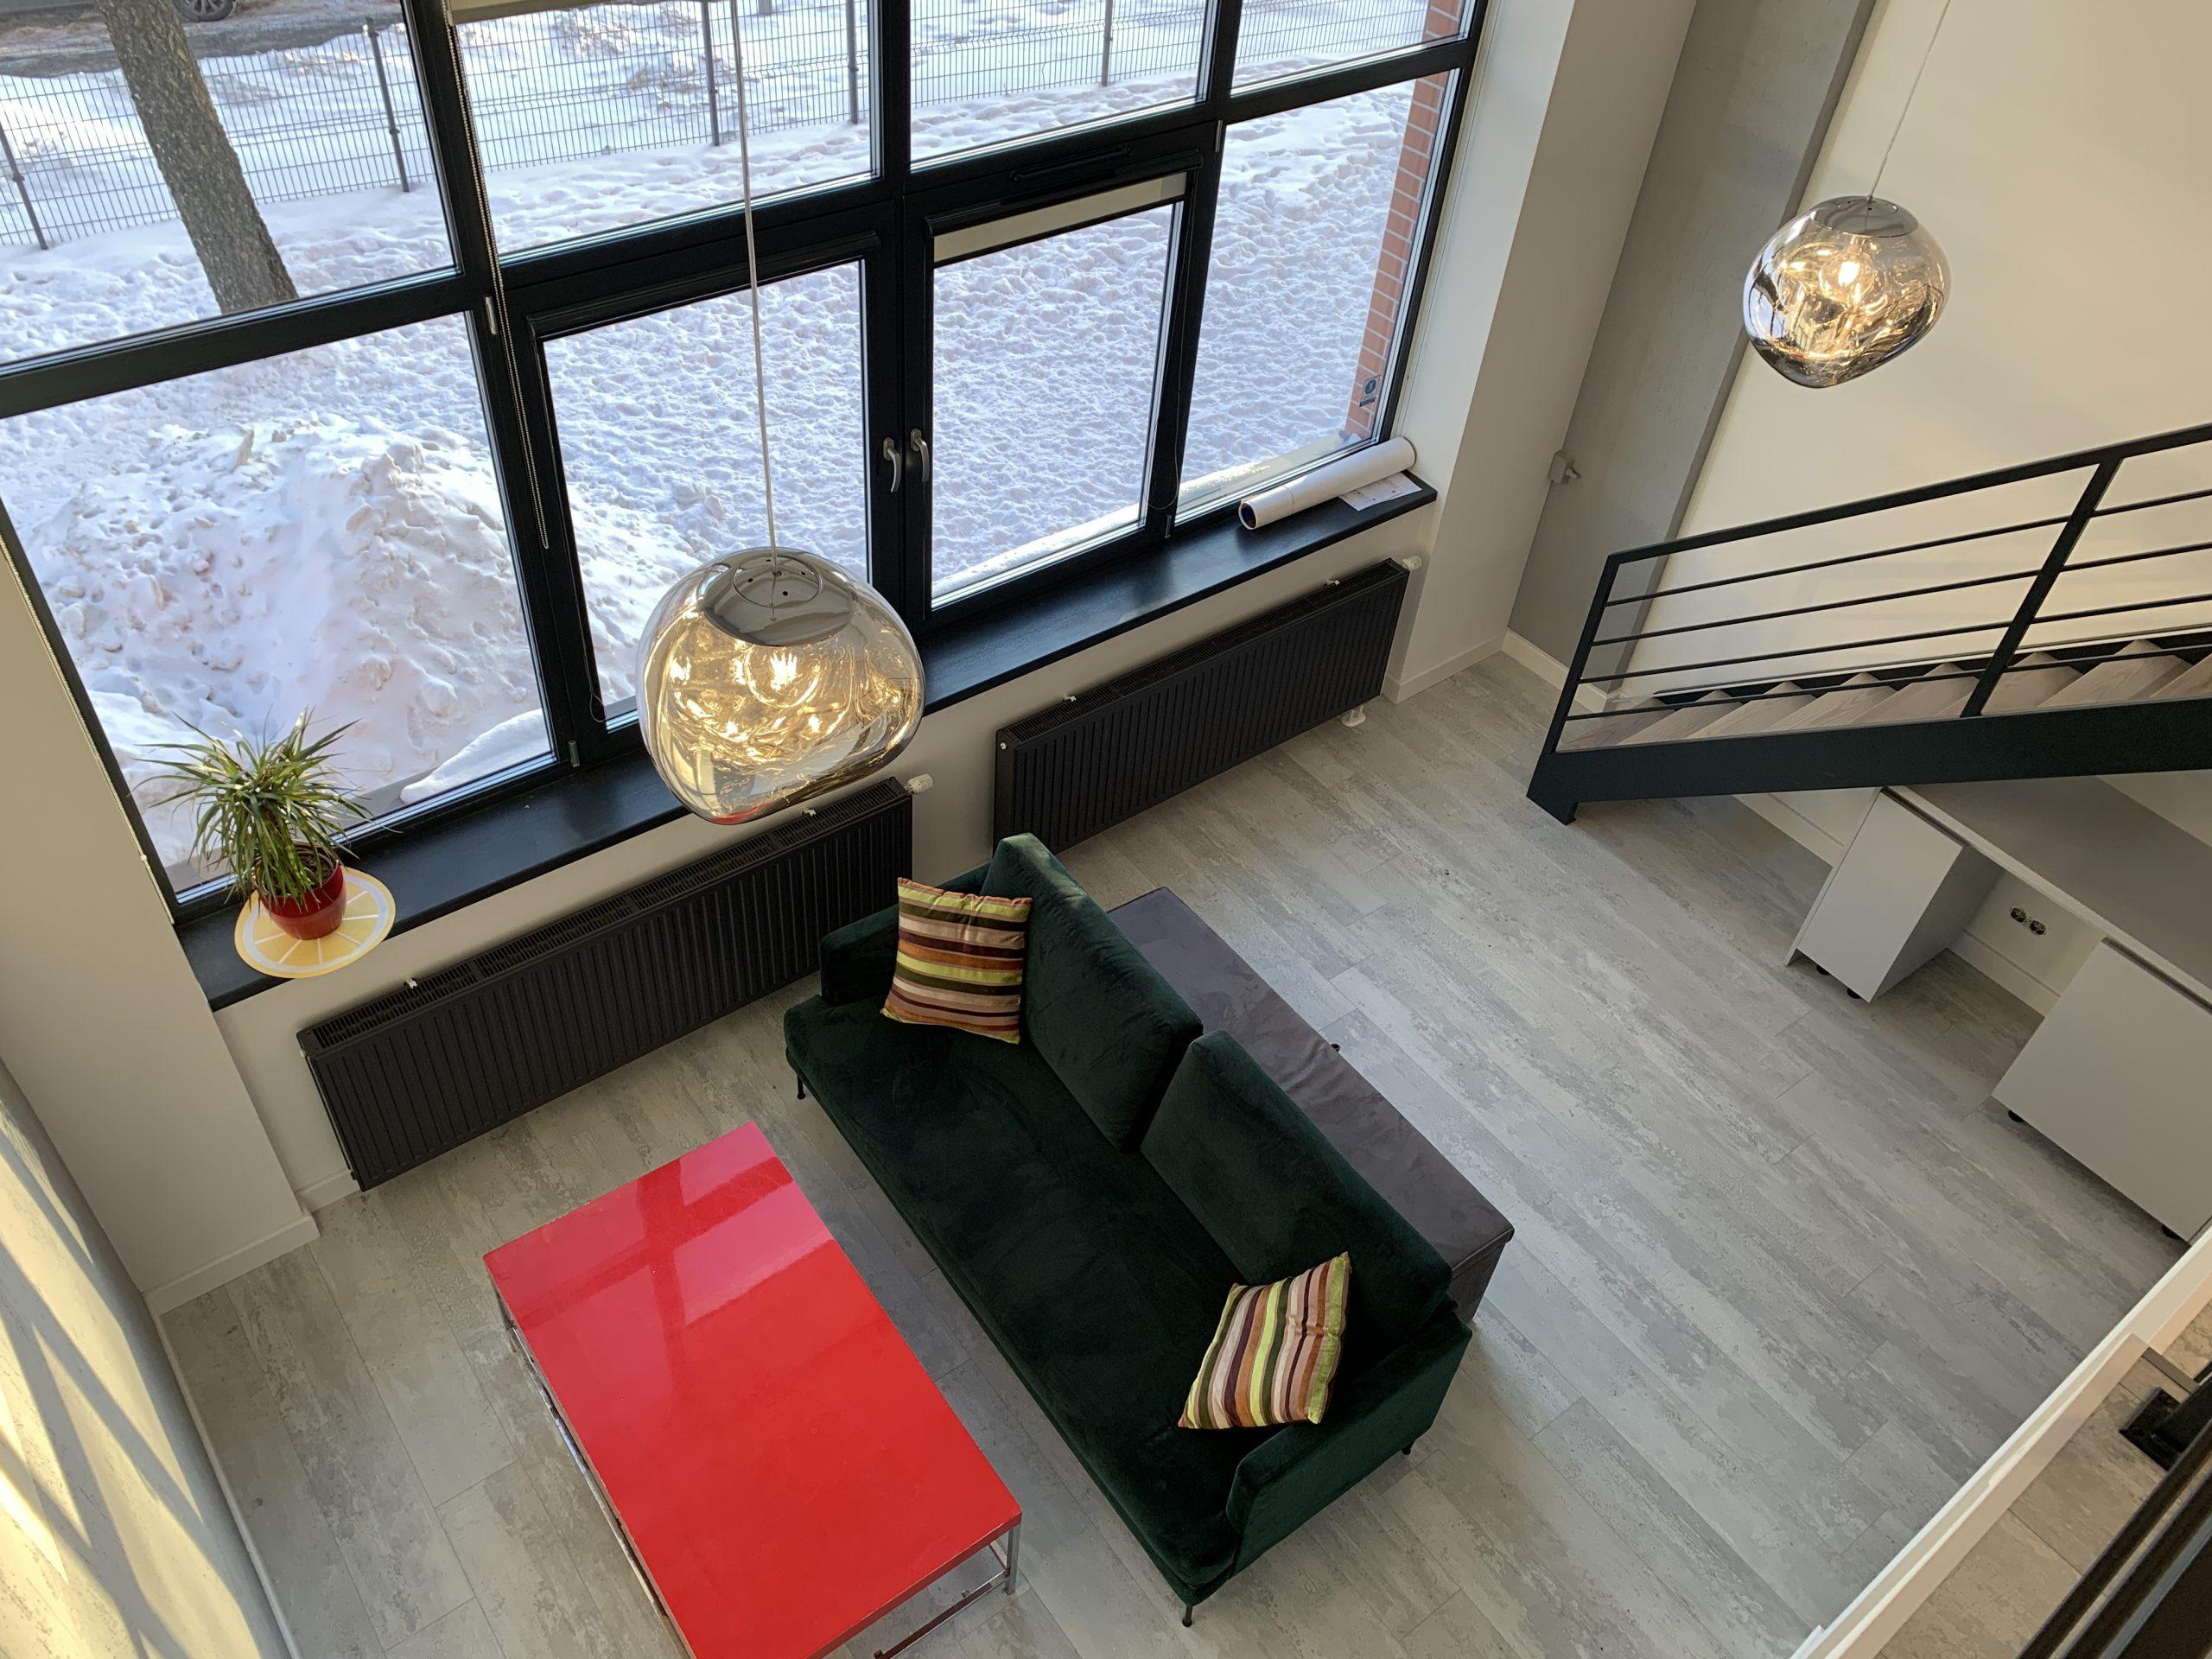 Продается уникальная 2-этажная студия в новом лофт-проекте